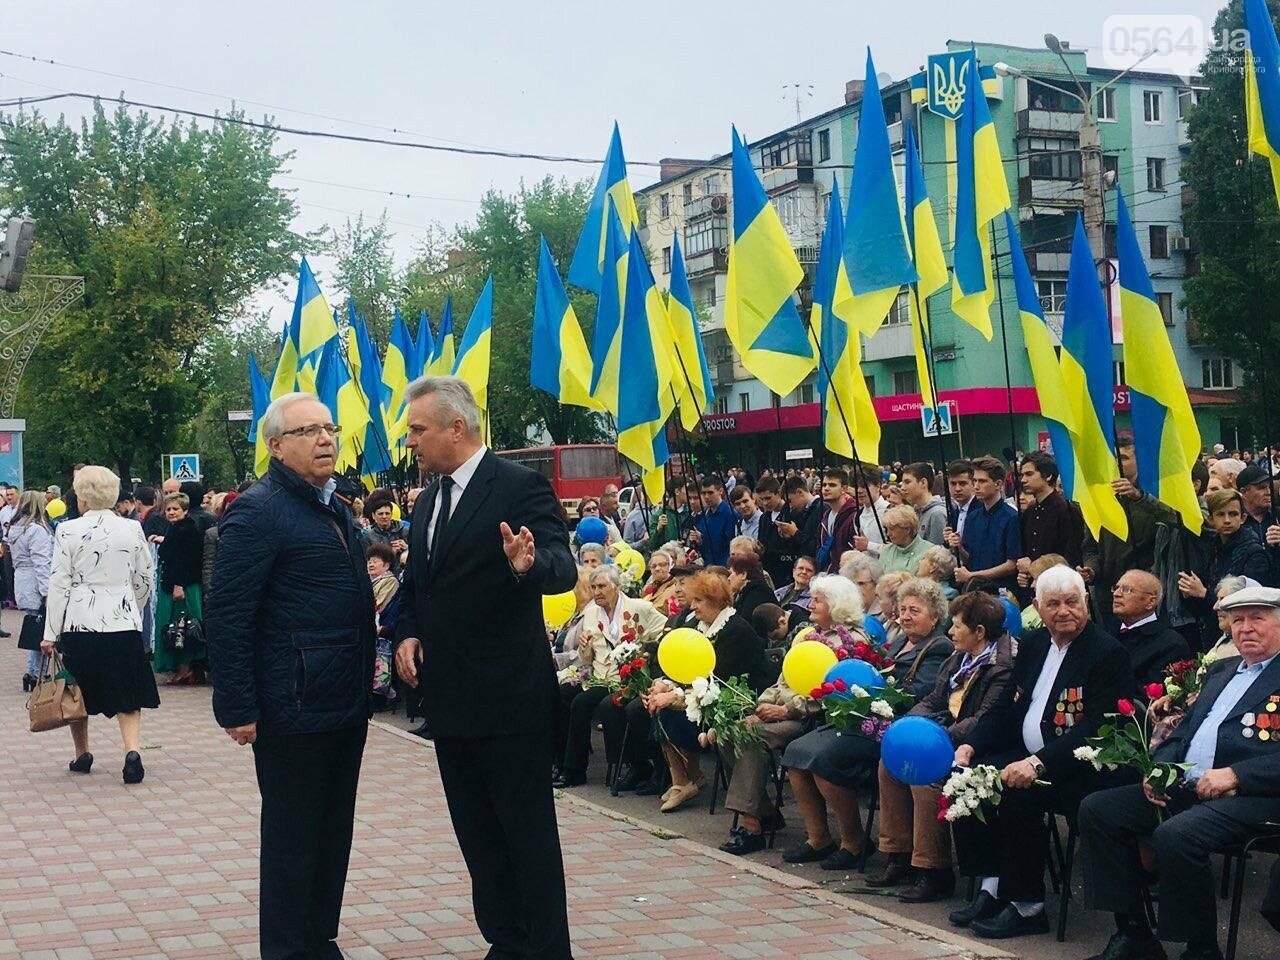 """9 мая в Кривом Роге: """"Марш мира"""" в Покровском районе стал самым массовым мероприятием, - ФОТО, фото-9"""